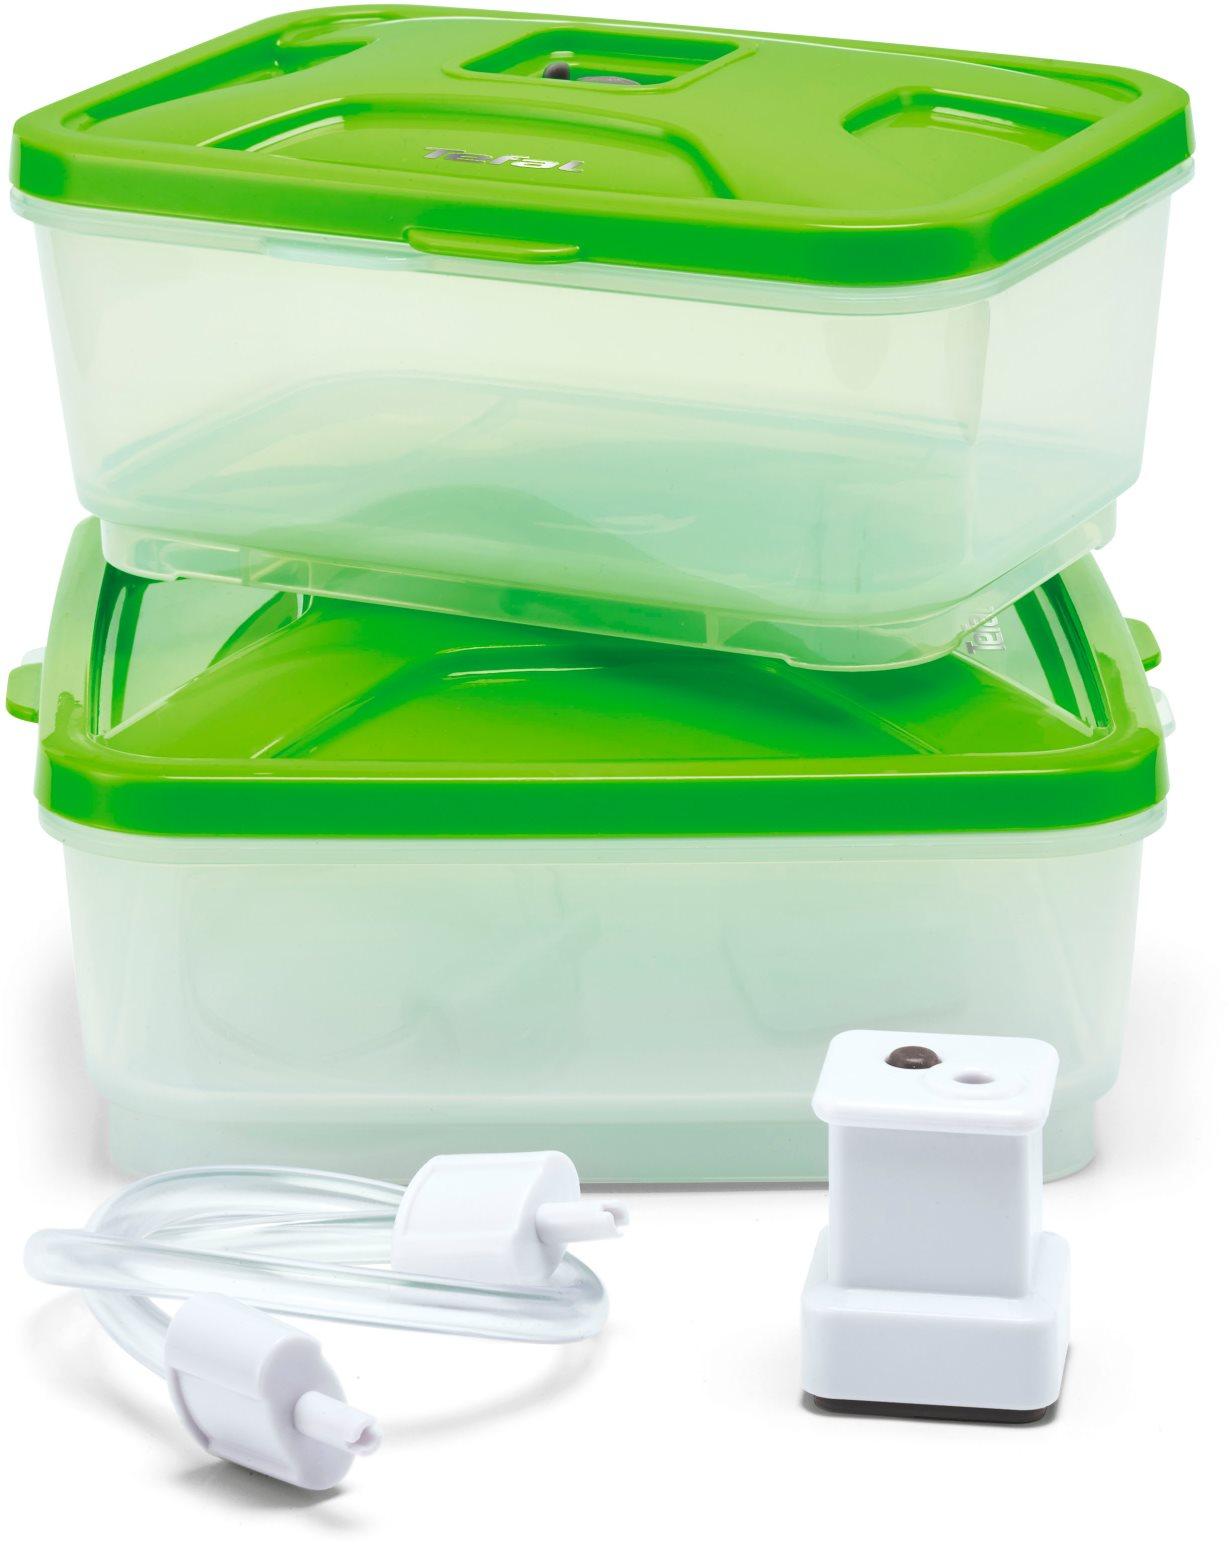 Tefal XA258010 Lunch Box Vacupack